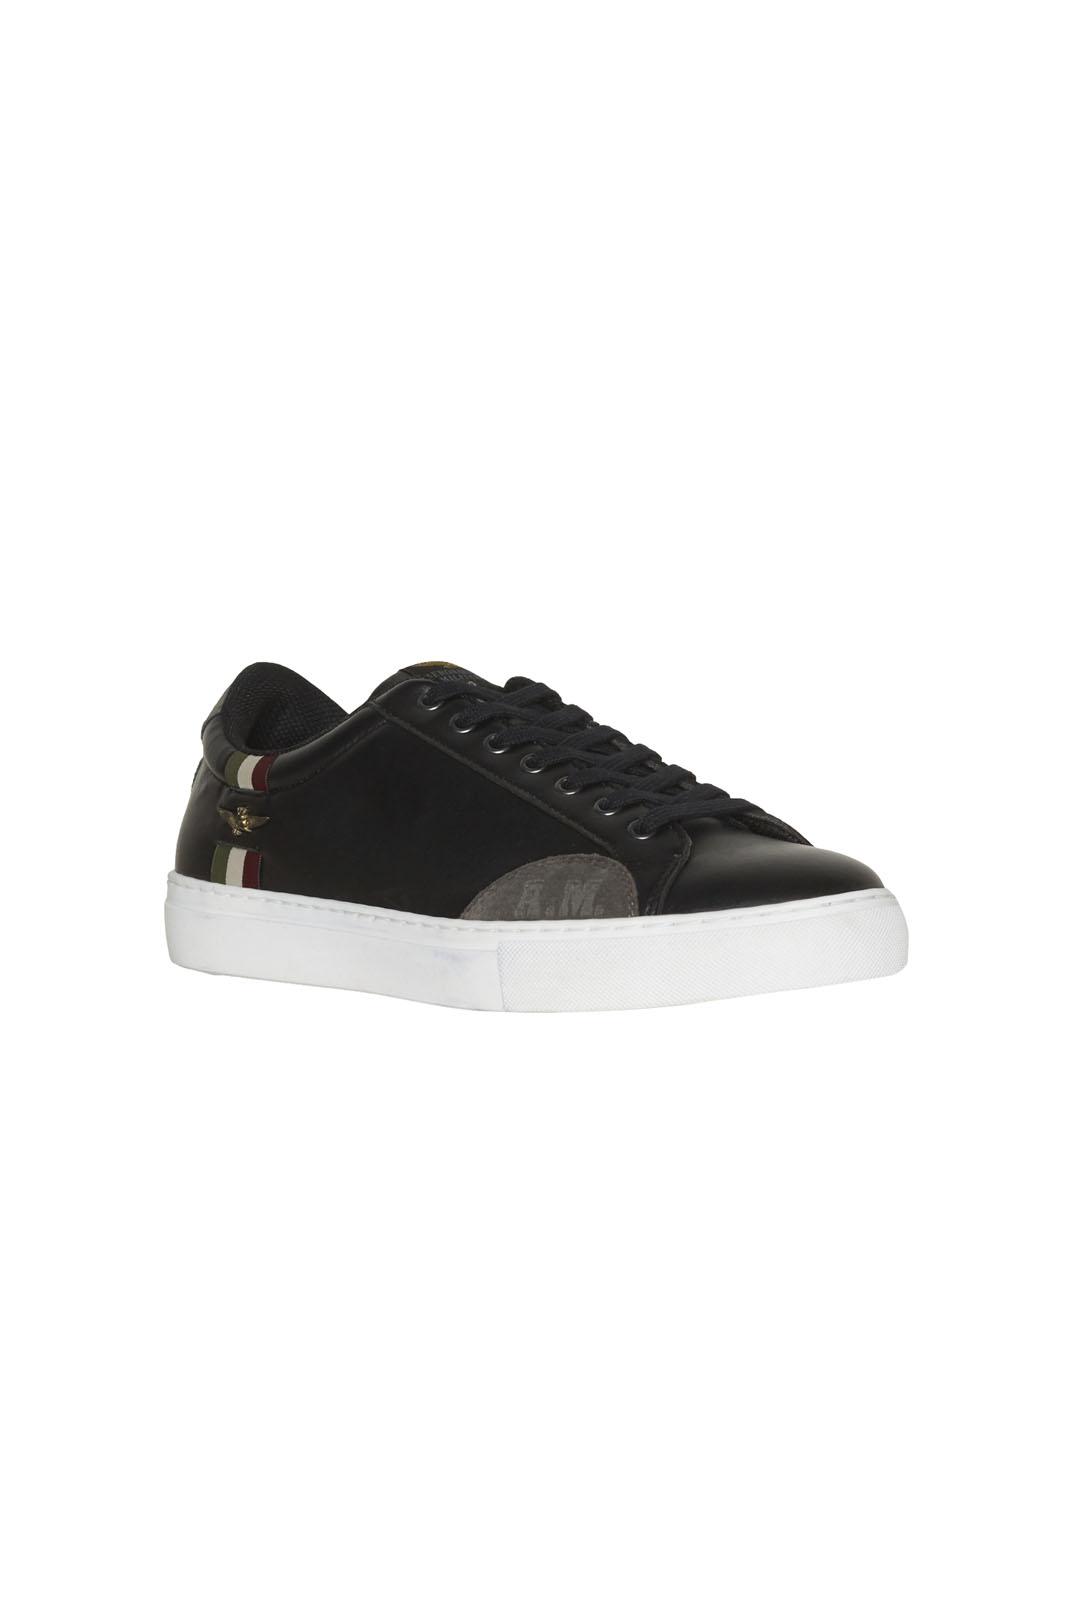 Sneakers avec détail tricolore           1